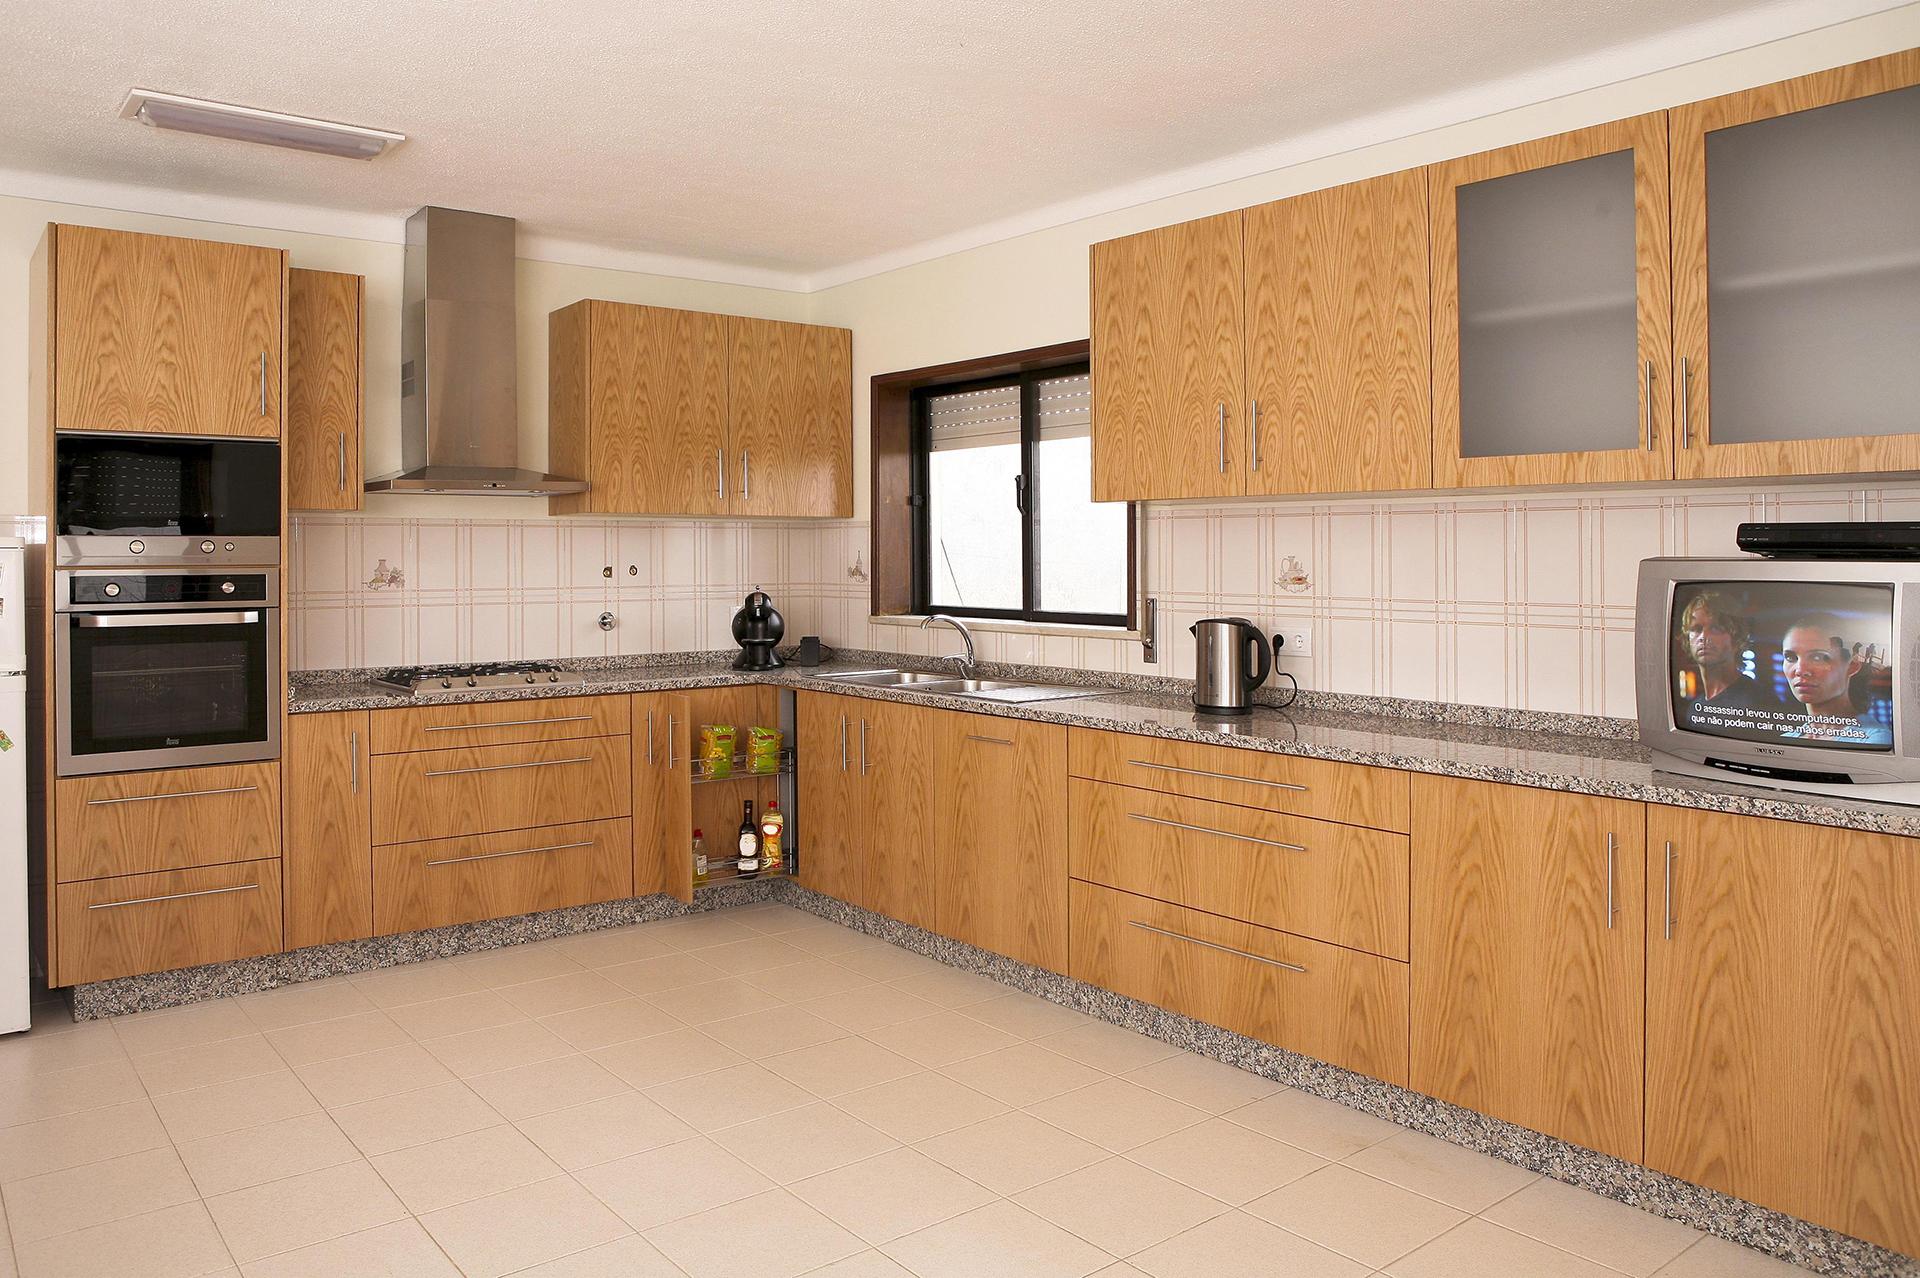 Cozinha em Carvalho Figurado com tampo, rodatampo e rodapé em Granito Rosa Monção